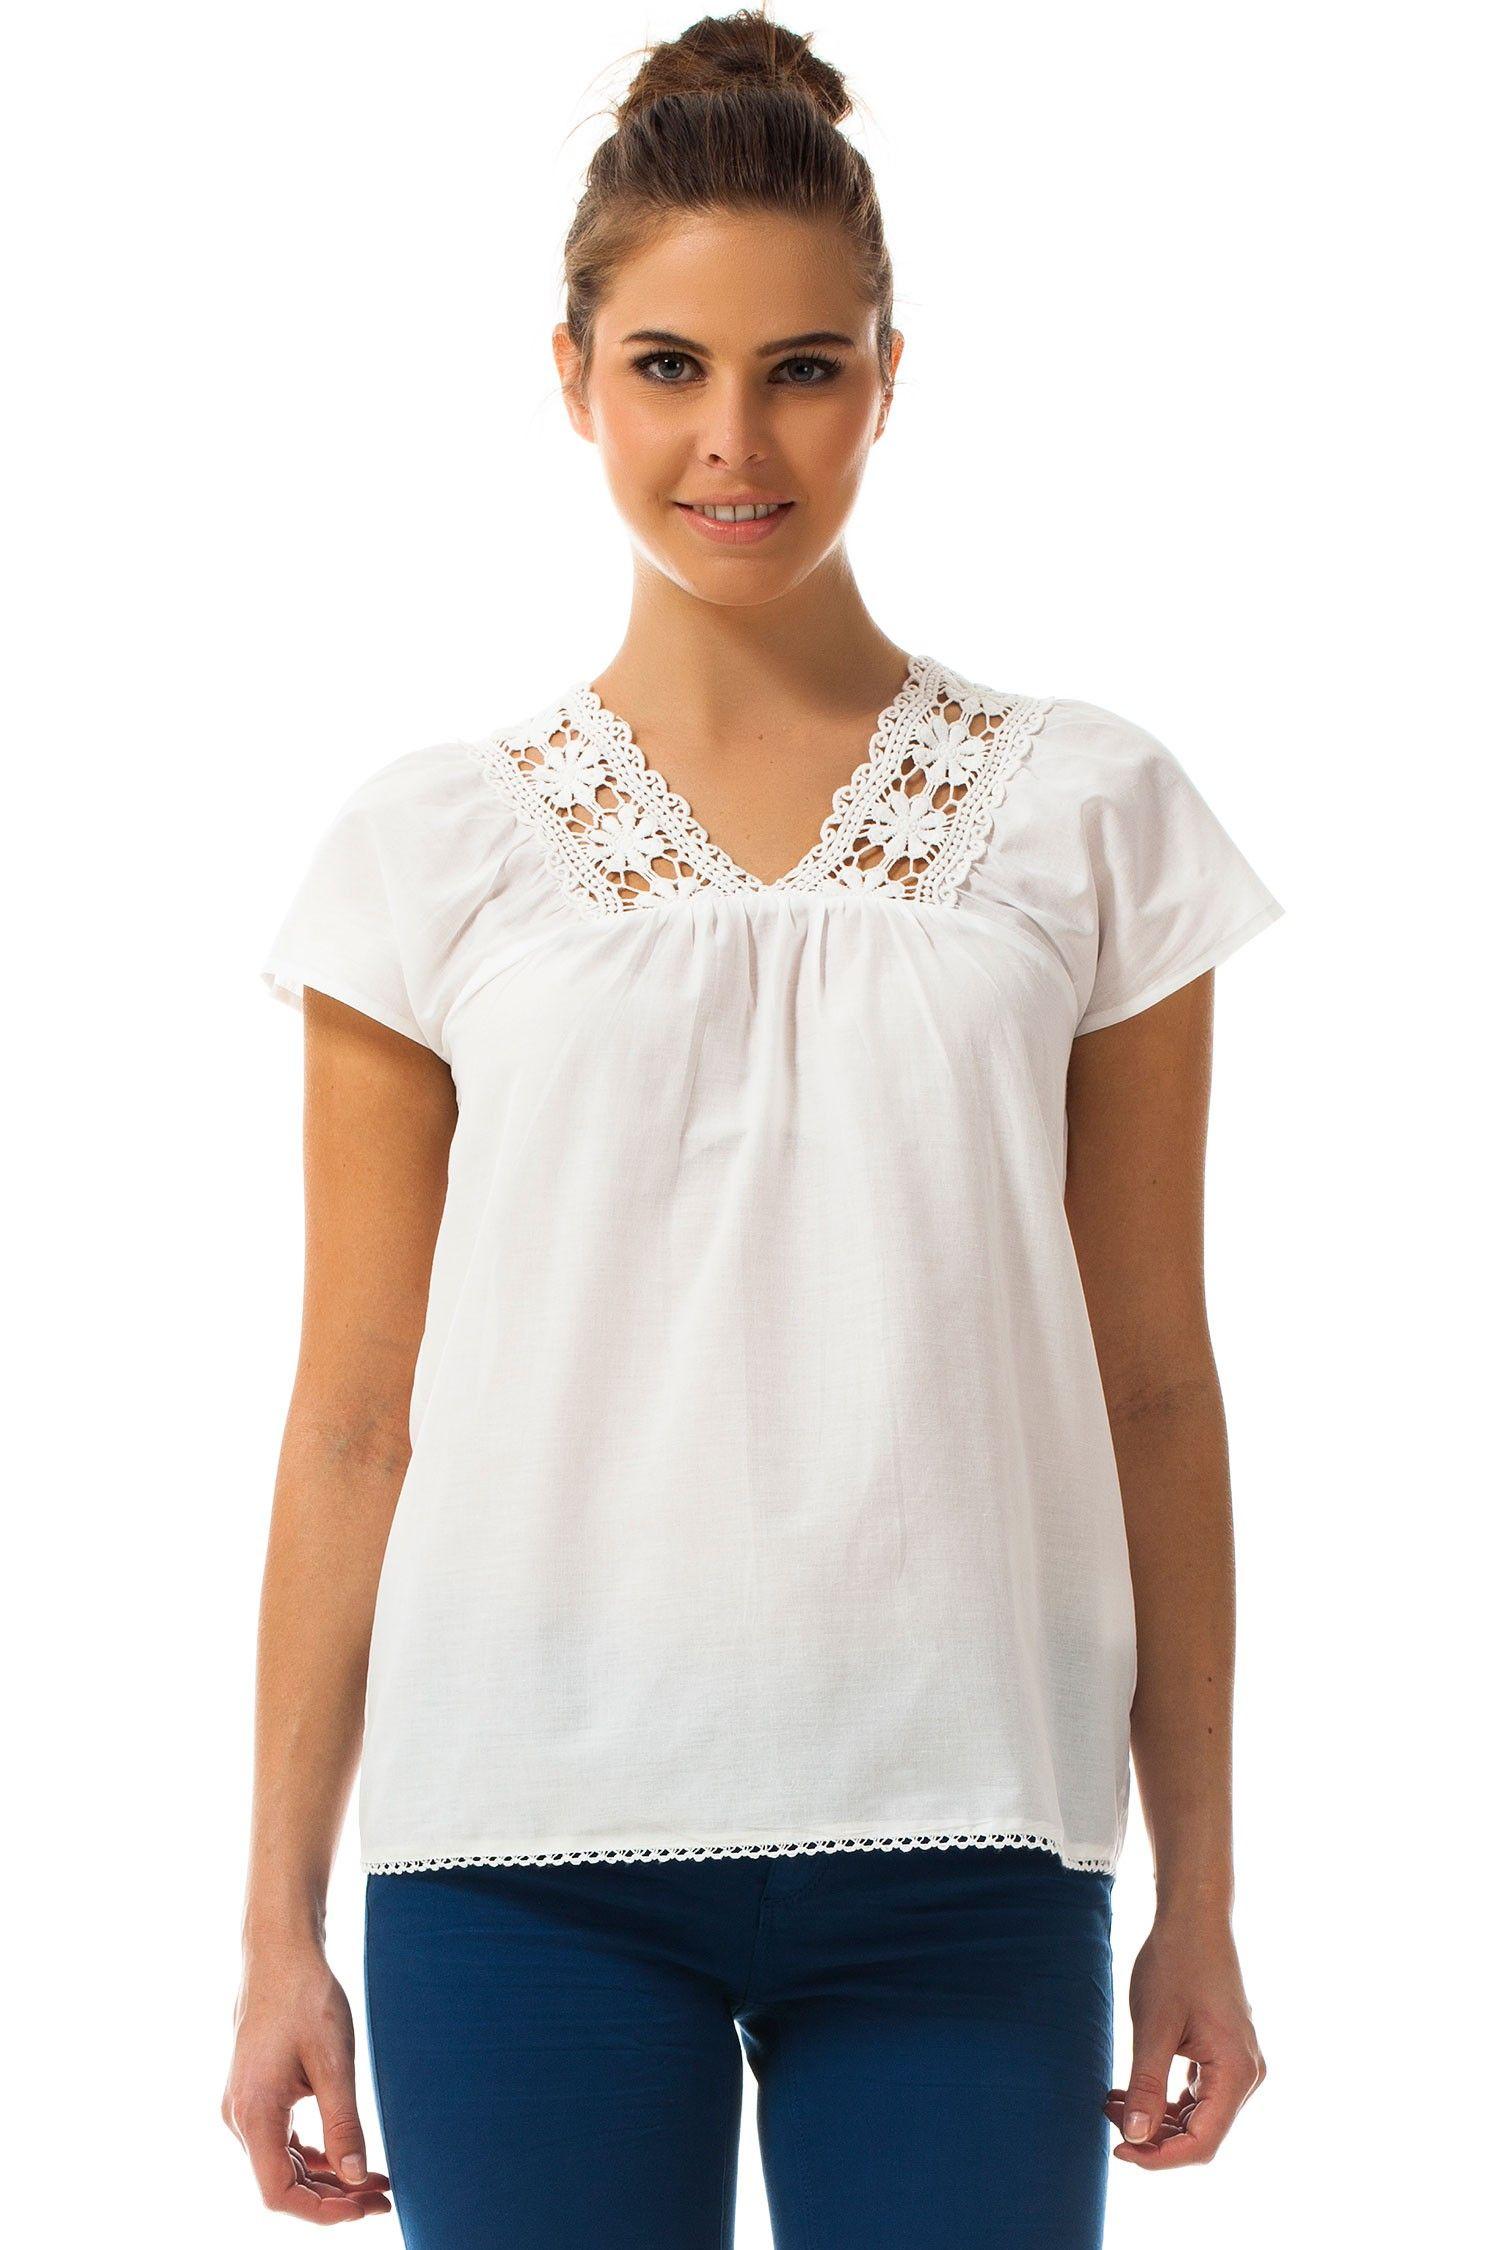 Bayan Yazlik Bluz Modelleri Bluz Modelleri Bluz Elbise Dikis Rehberleri